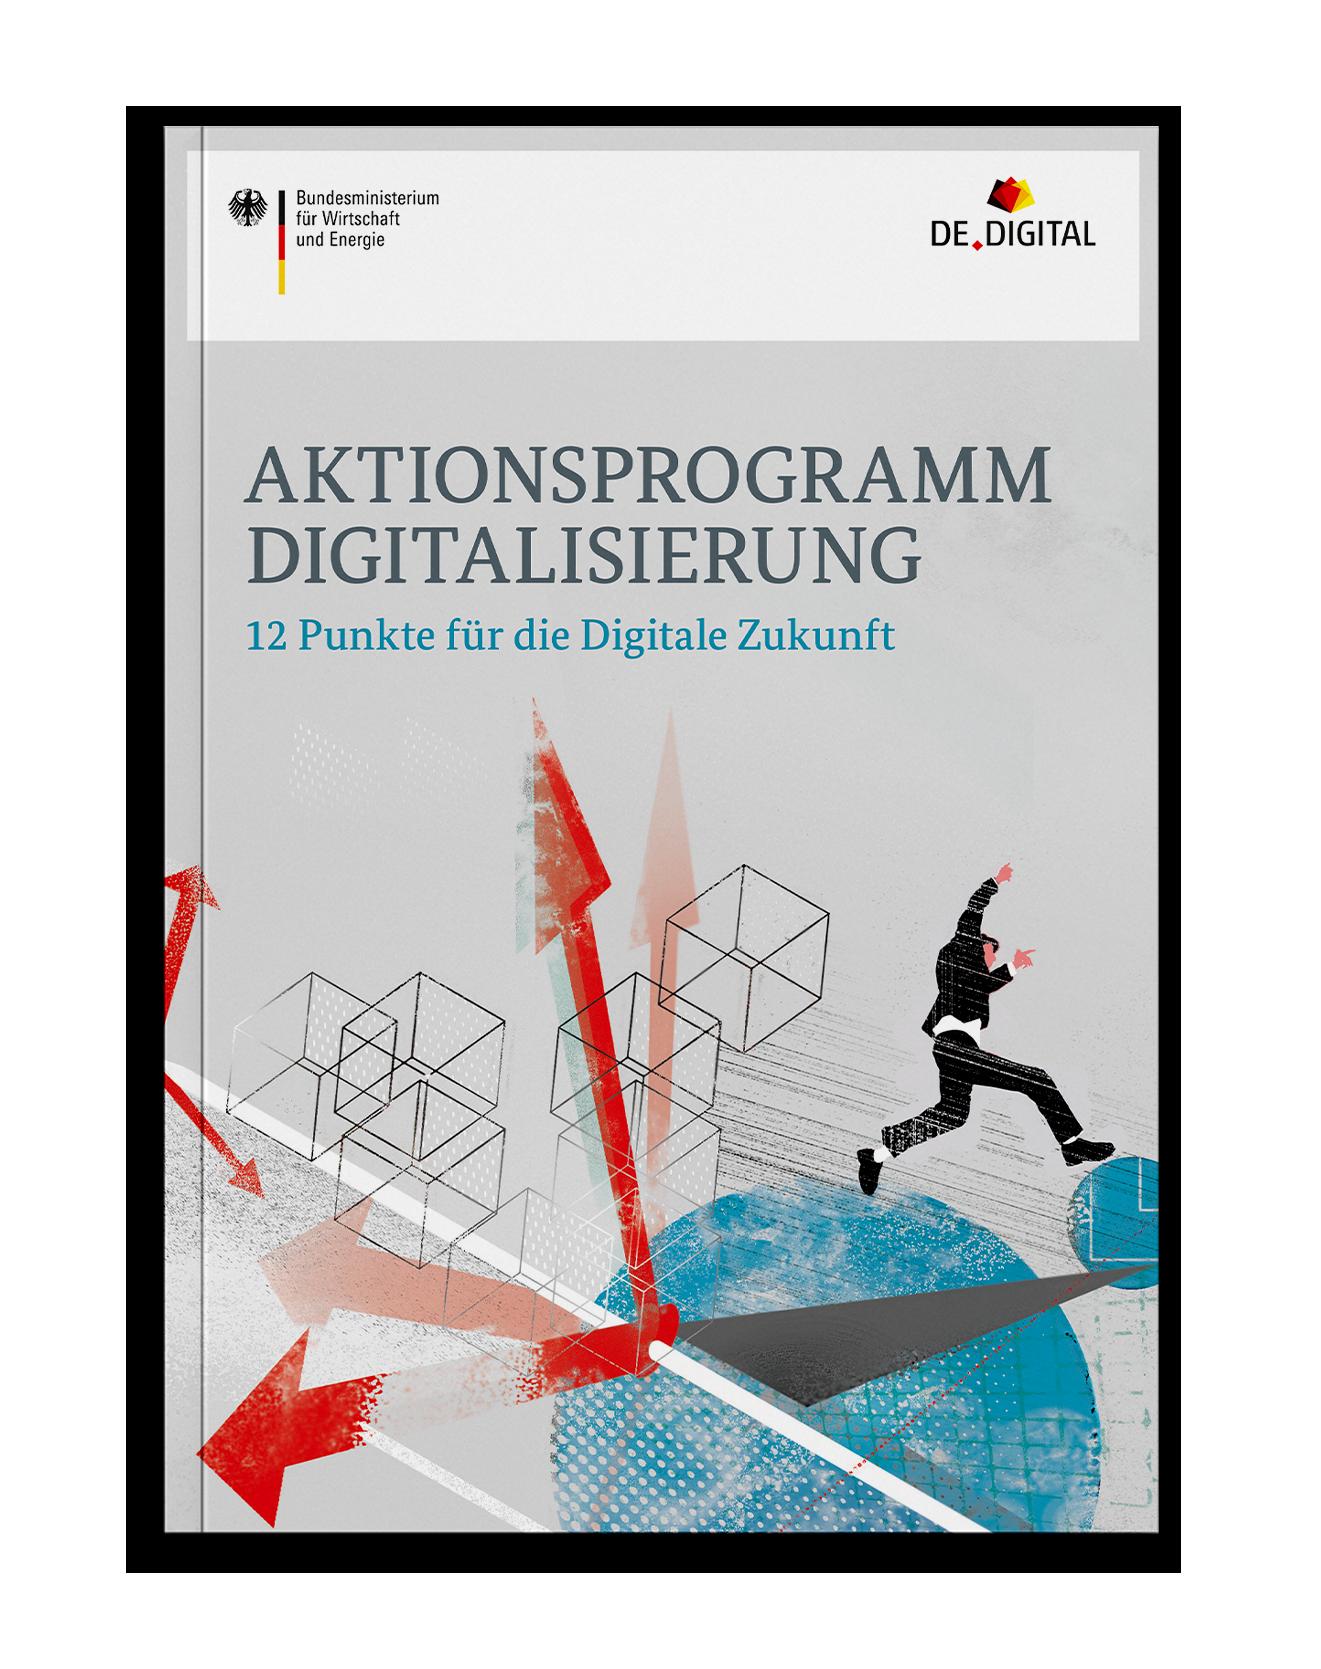 Grünbuch Coverdesign für das Bundesministerium für Wirtschaft und Energie zum Aktionsprogramm Digitalisierung von Deutschland